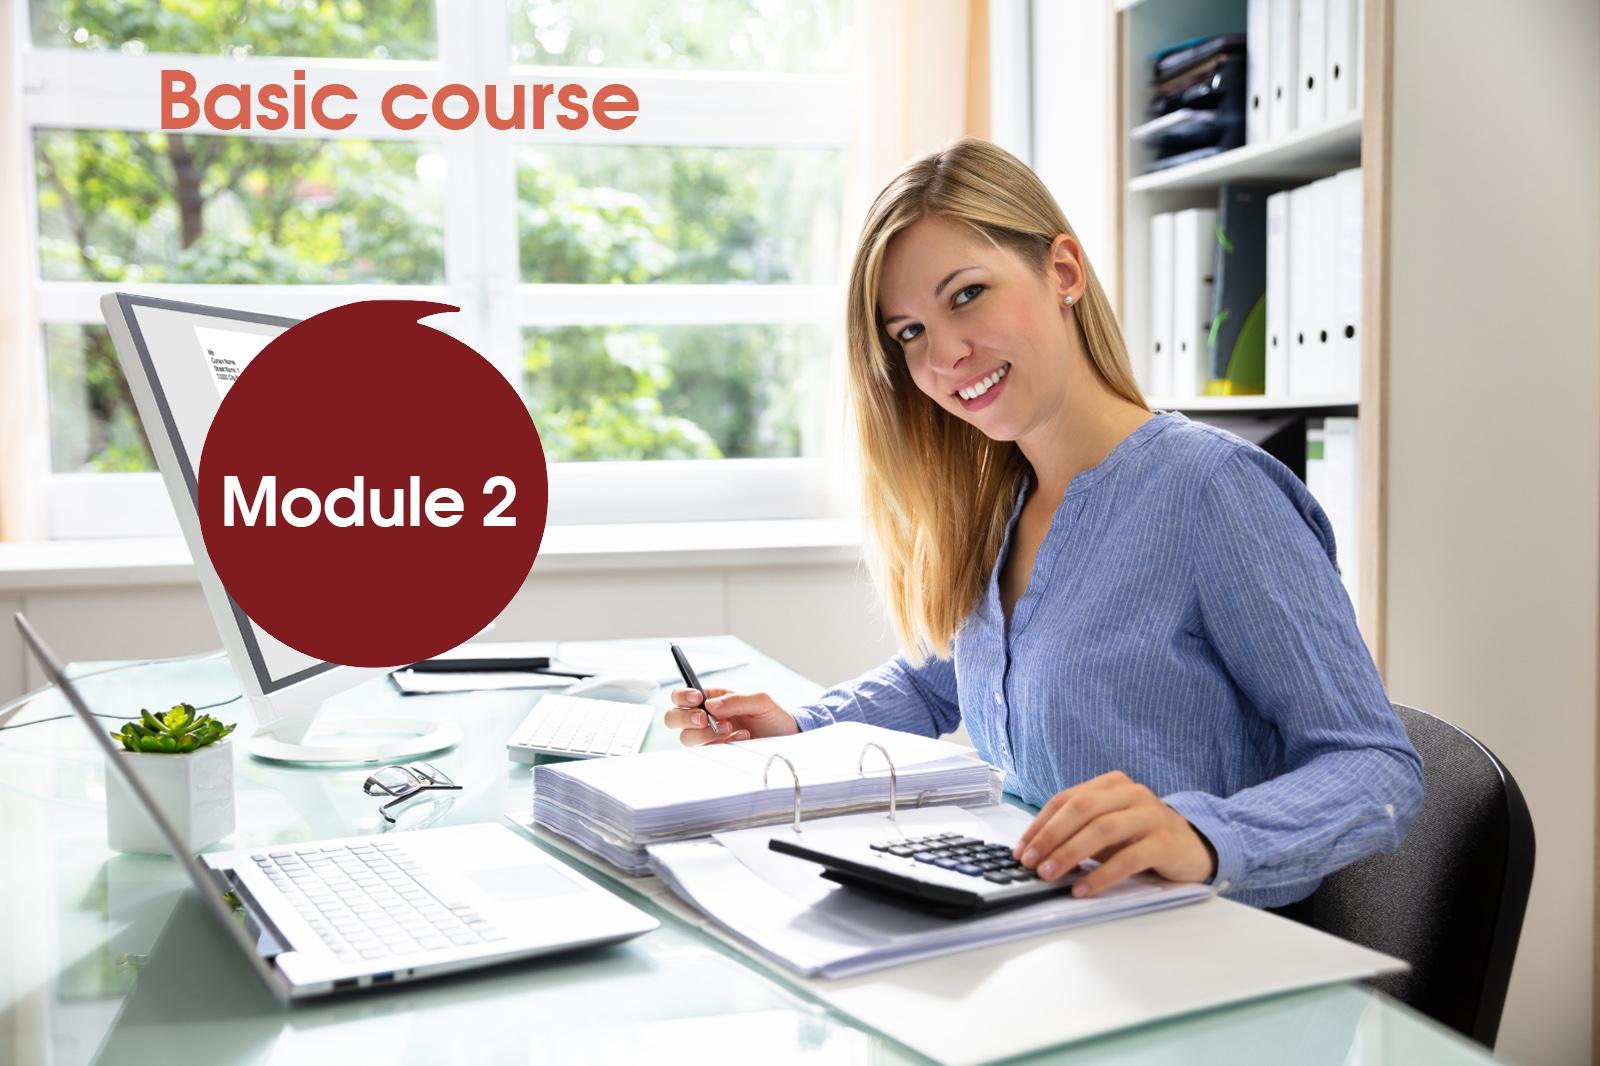 Фінансова англійська – Основний курс Модуль 2